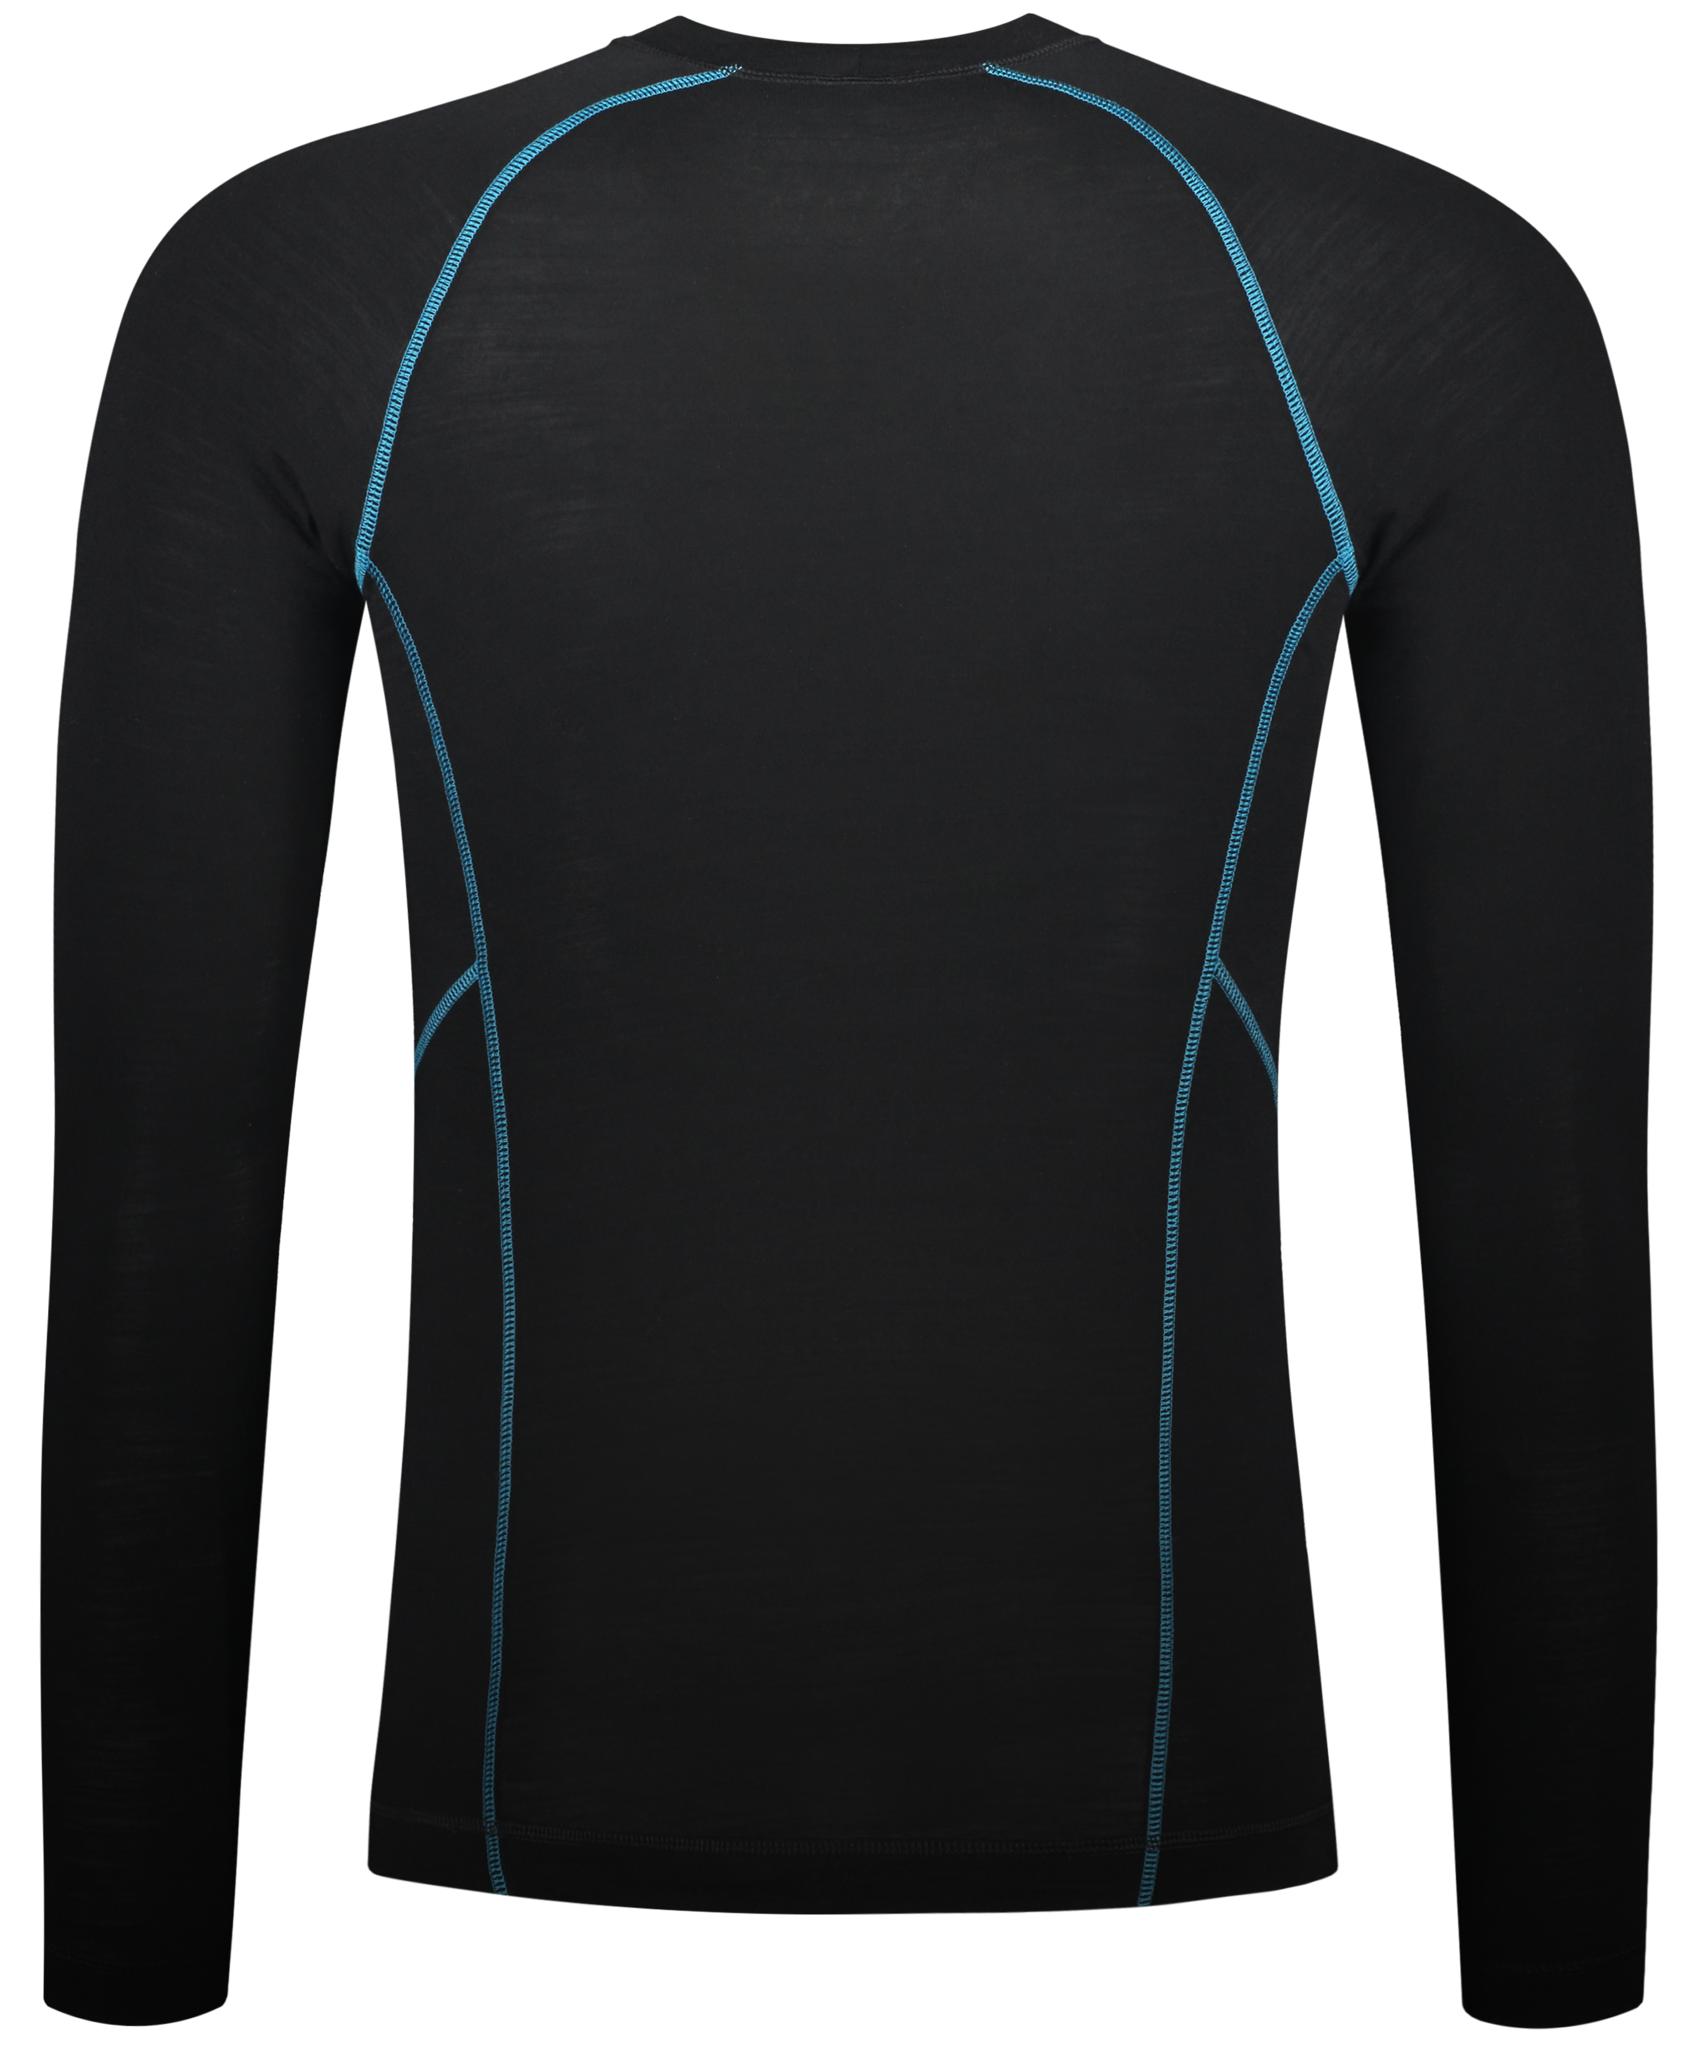 Merino wol thermoshirt - Zwart en Blauw | Mannen-2